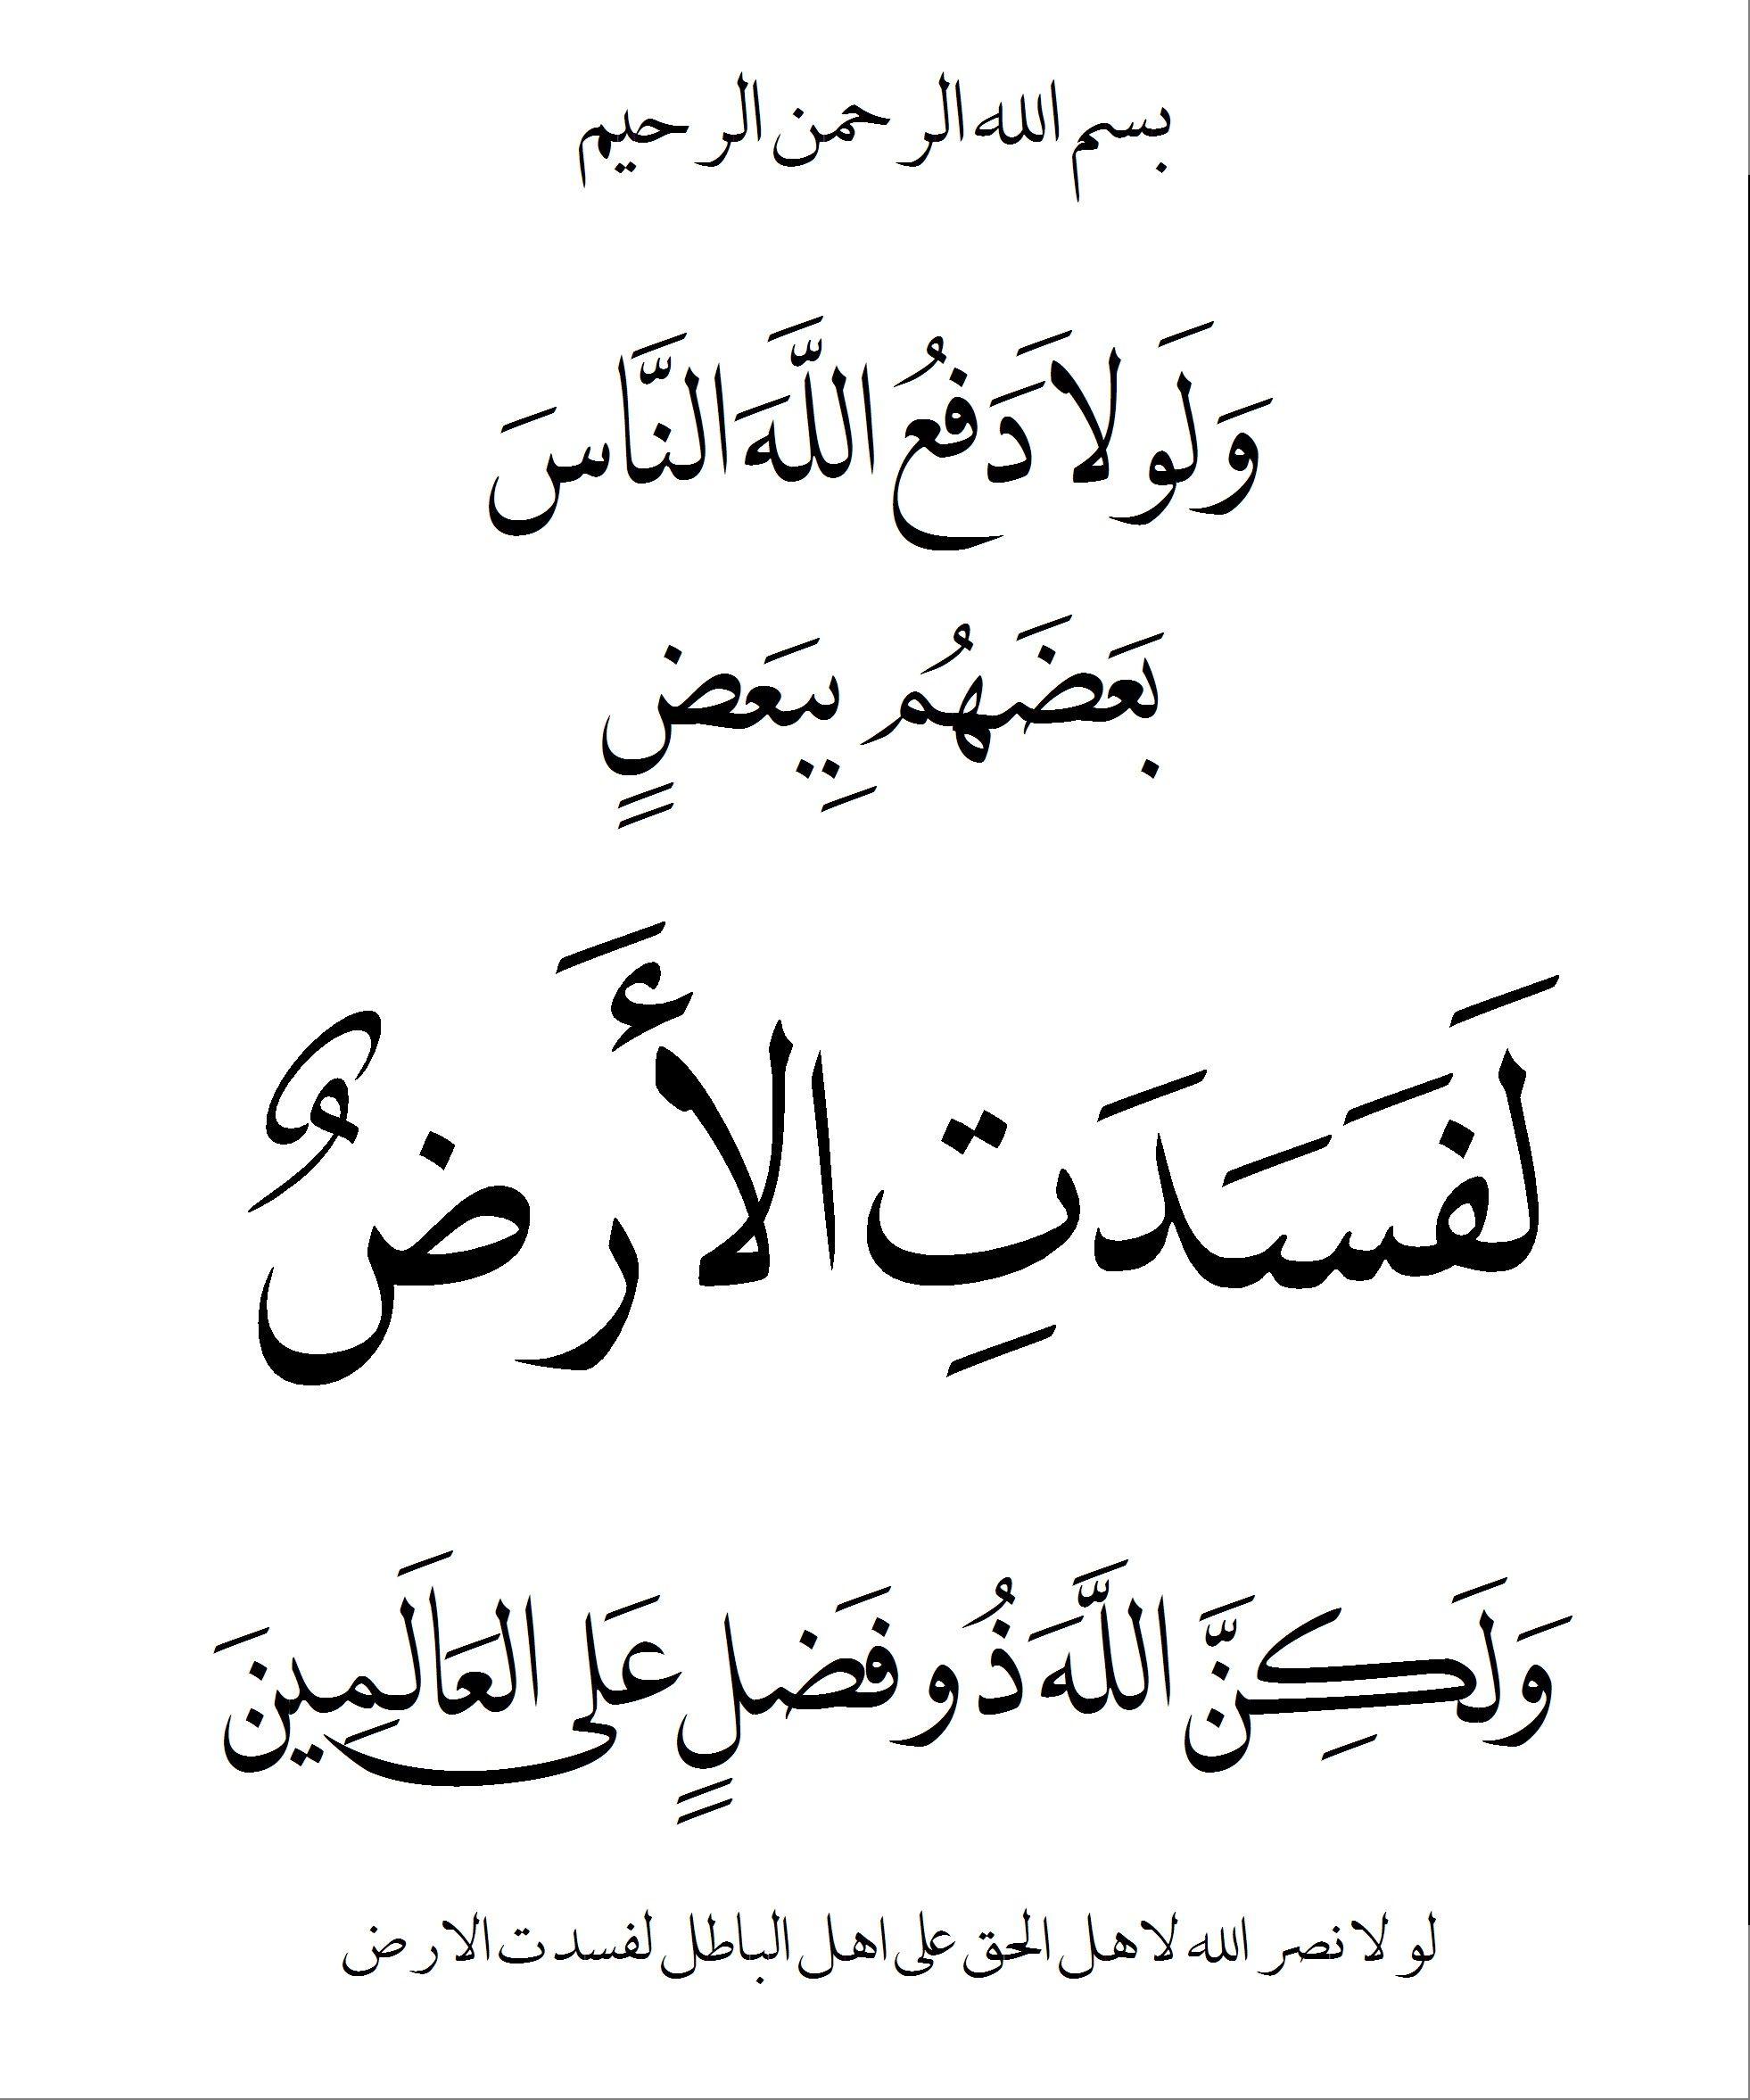 بسم الله الرحمن الرحيم و لولا دفع الله الناس بعضهم ببعض لفسدت الارض و لكن الله ذو فضل علي العالمين Quran Verses Noble Quran Holy Quran